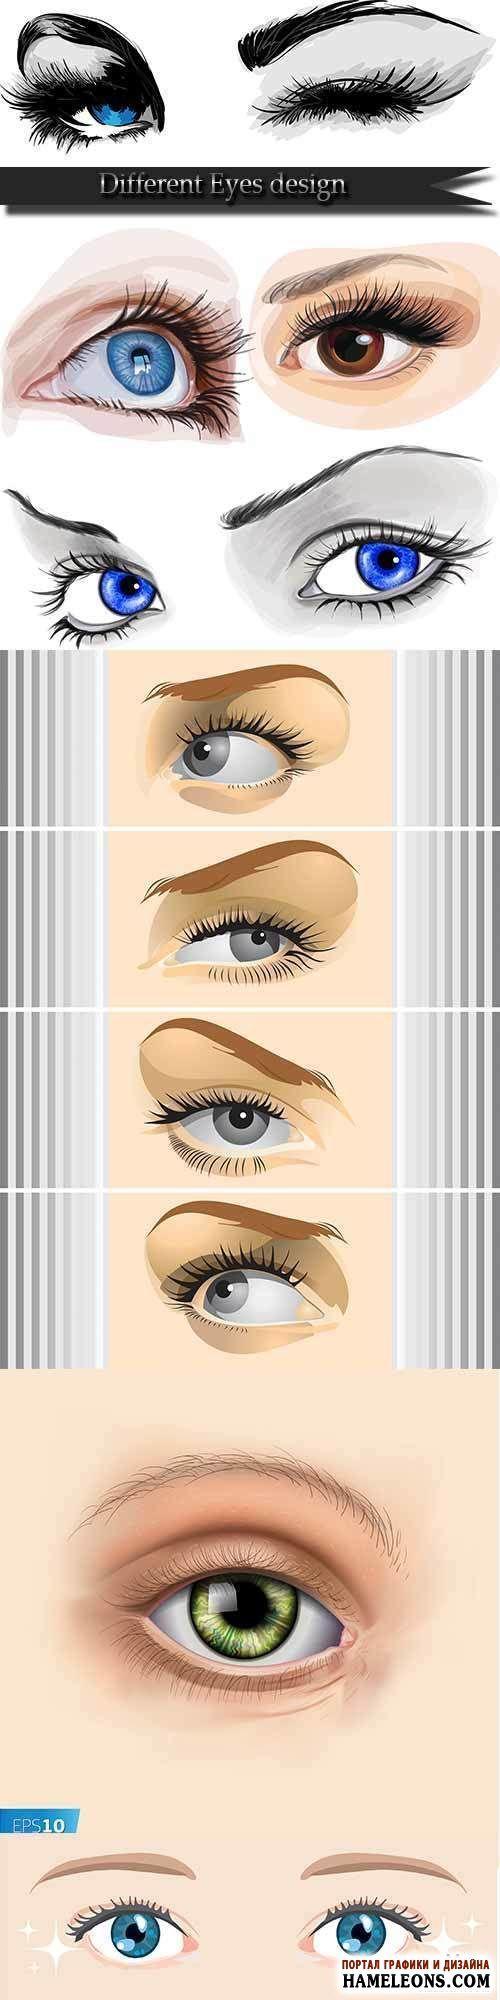 Красивые глаза человека разных цветов - векторный клипарт | Different Eyes design vector